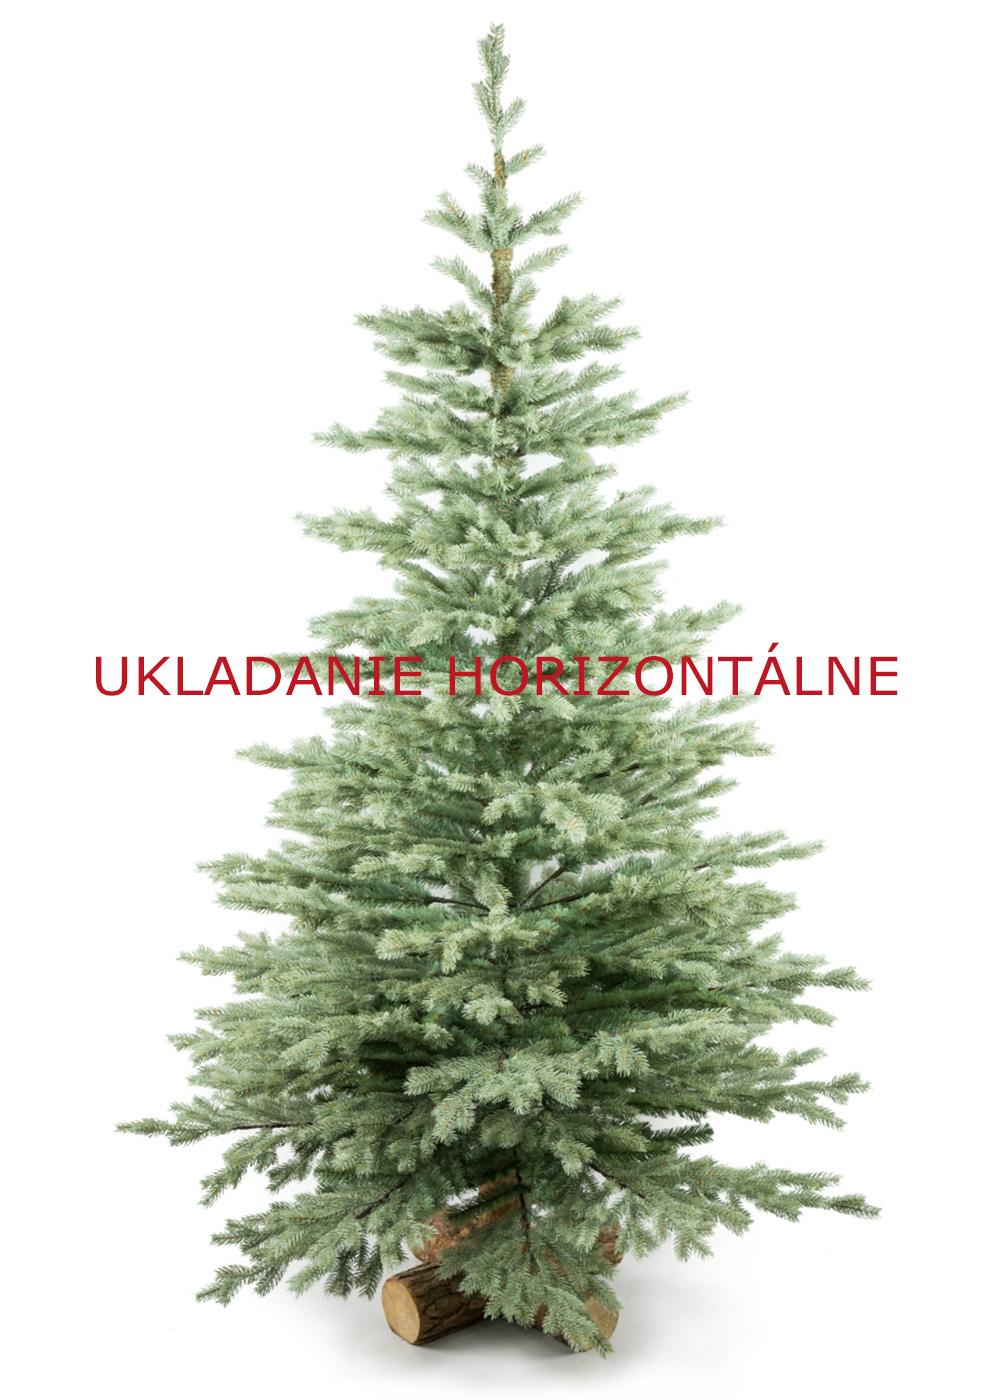 Horizontálne aranžovanie vianočného stromčeka